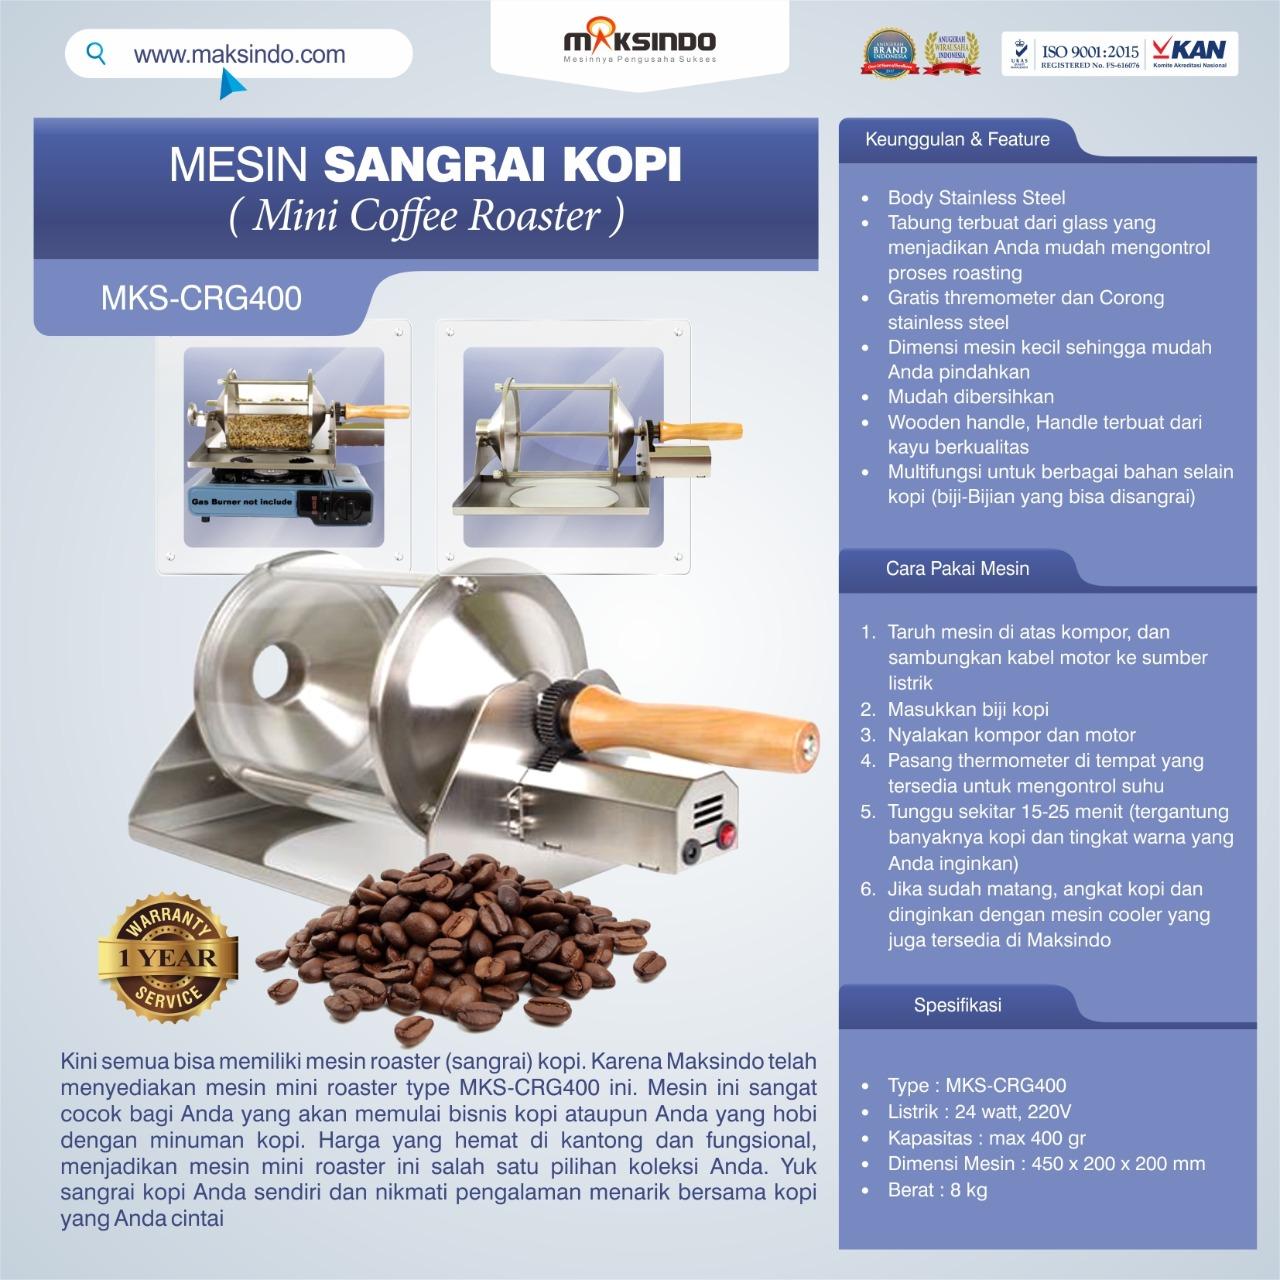 Jual Mesin Sangrai Kopi (Coffee Roaster) MKS-CRG400 di Bekasi